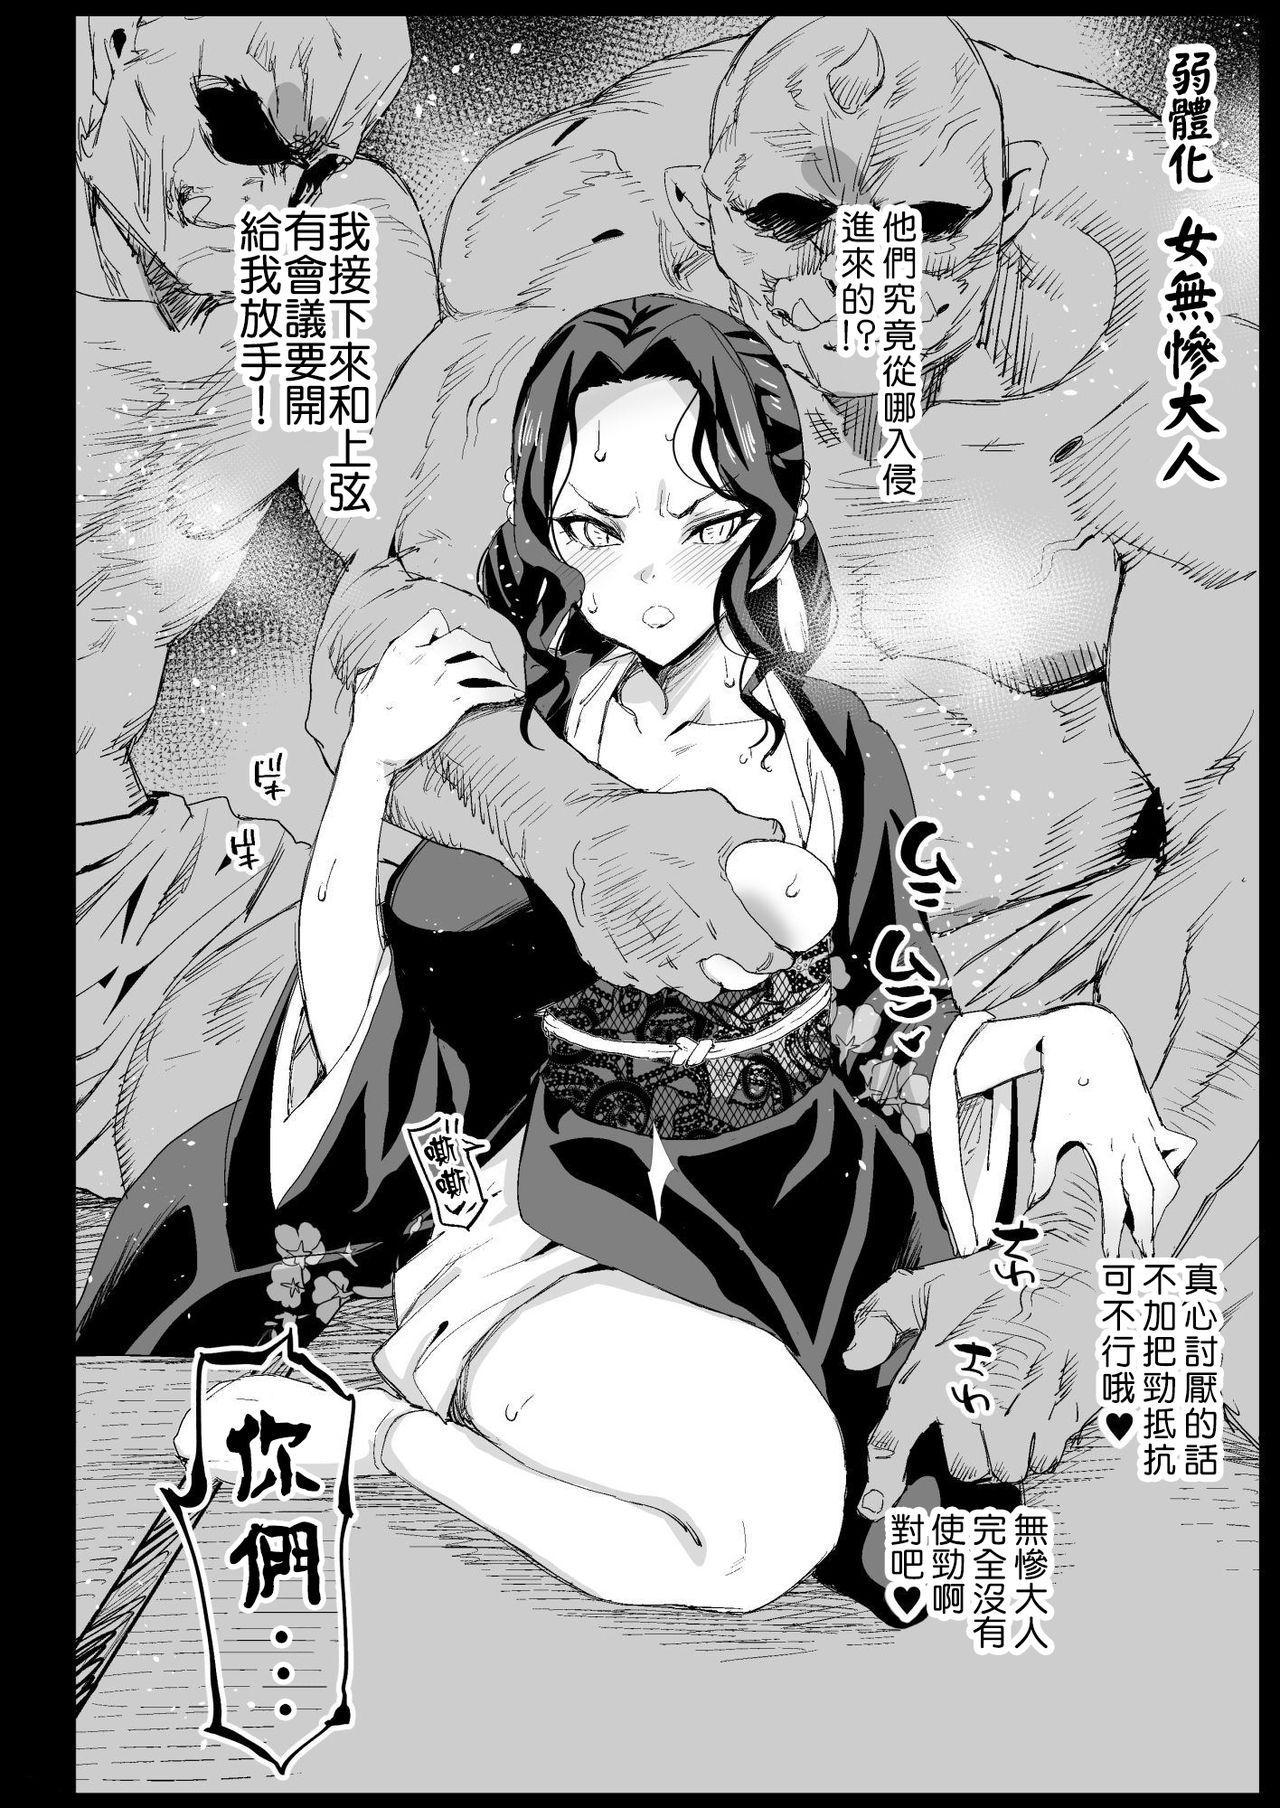 [Eromazun (Ma-kurou)] Mesu Ochi Jou Muzan-sama - RAPE OF DEMON SLAYER 4 (Kimetsu no Yaiba) [Chinese] [瑞树汉化组] [Digital] 31